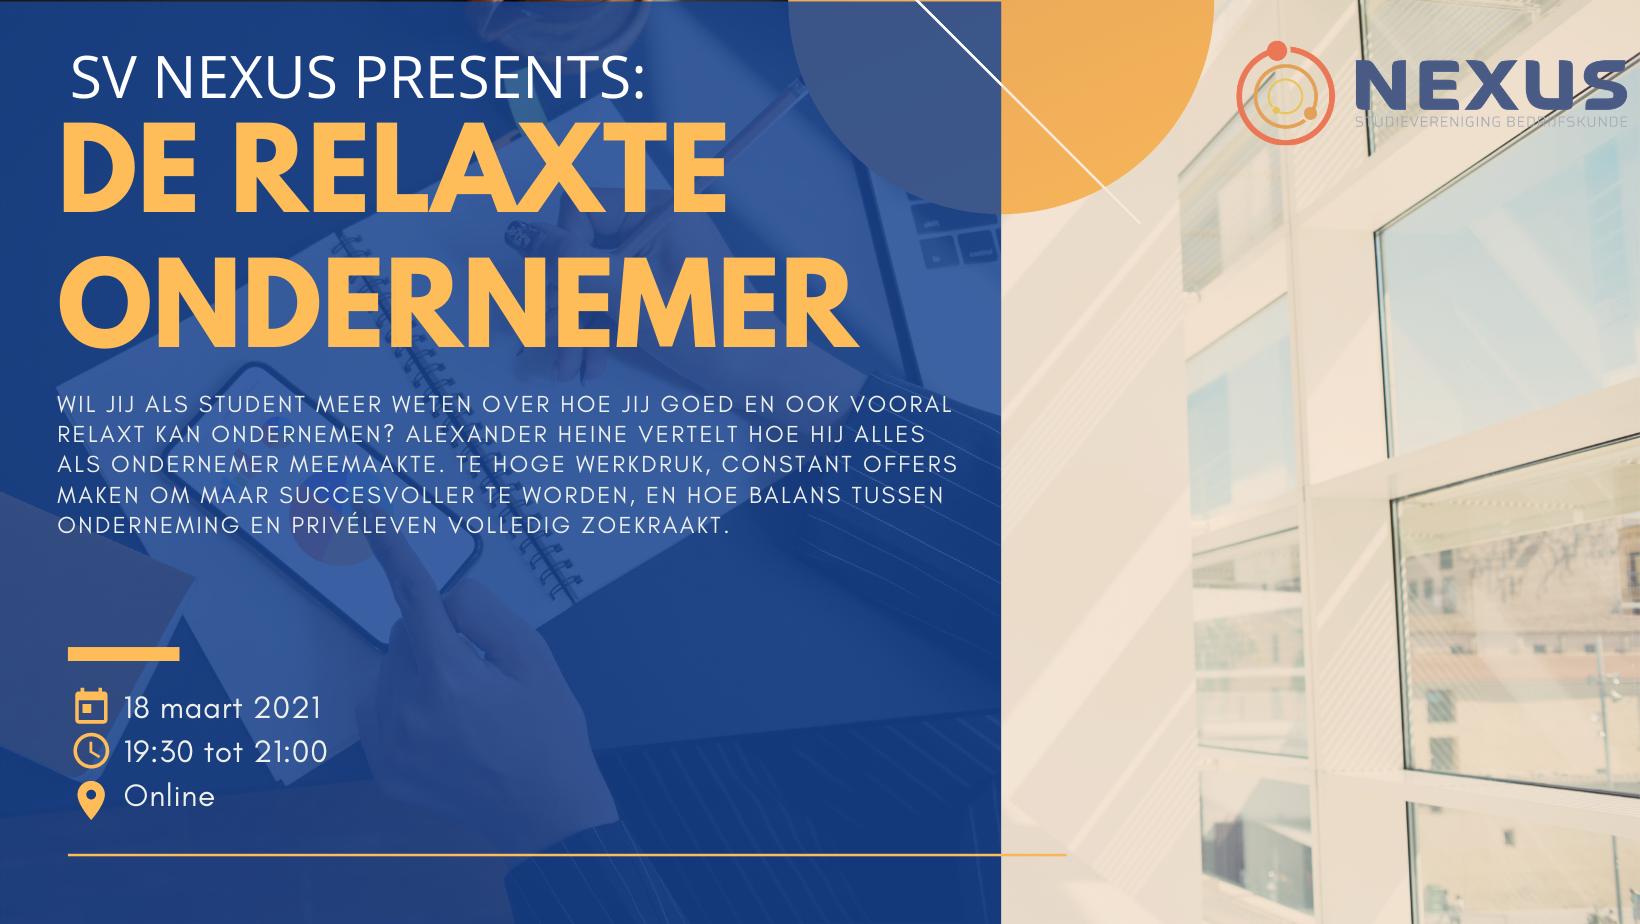 Formeel: De relaxte ondernemer